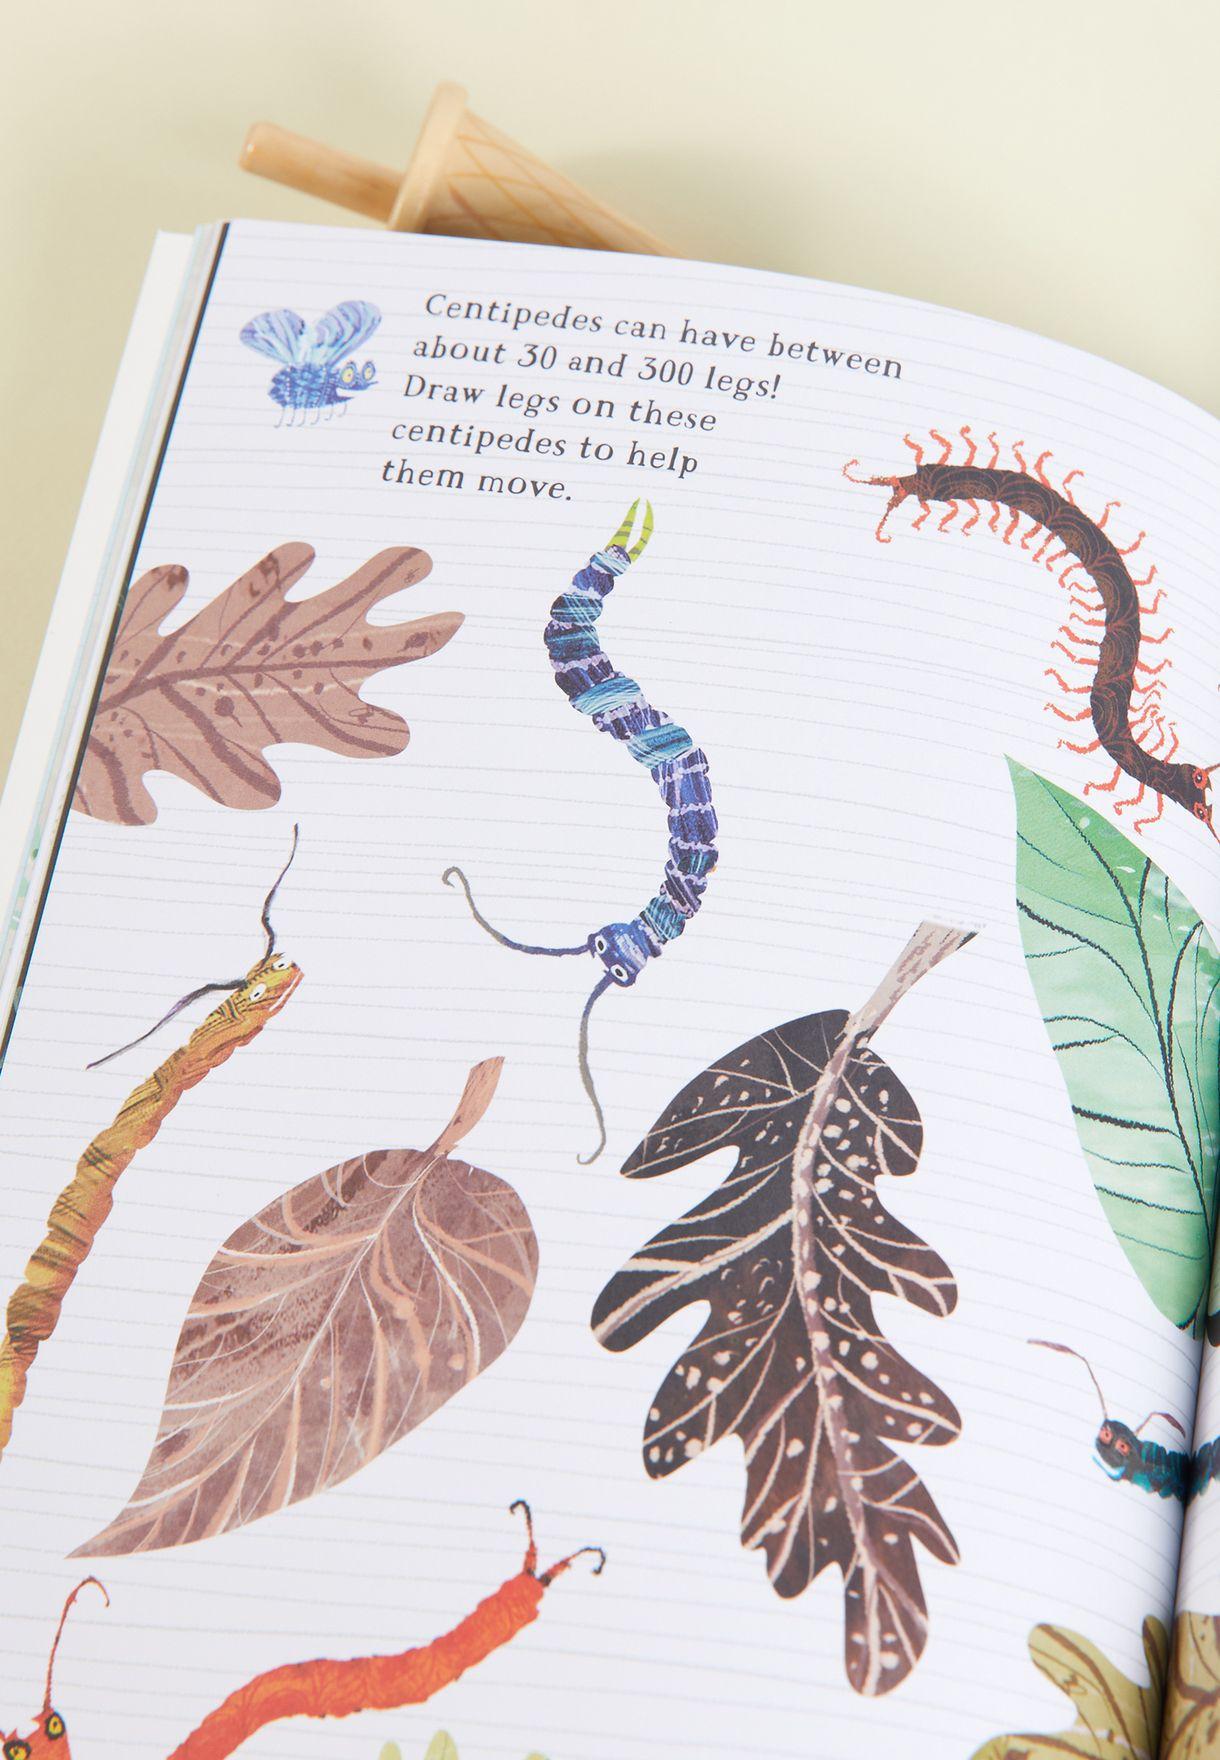 كتاب الملصقات الكبير من الحشرات